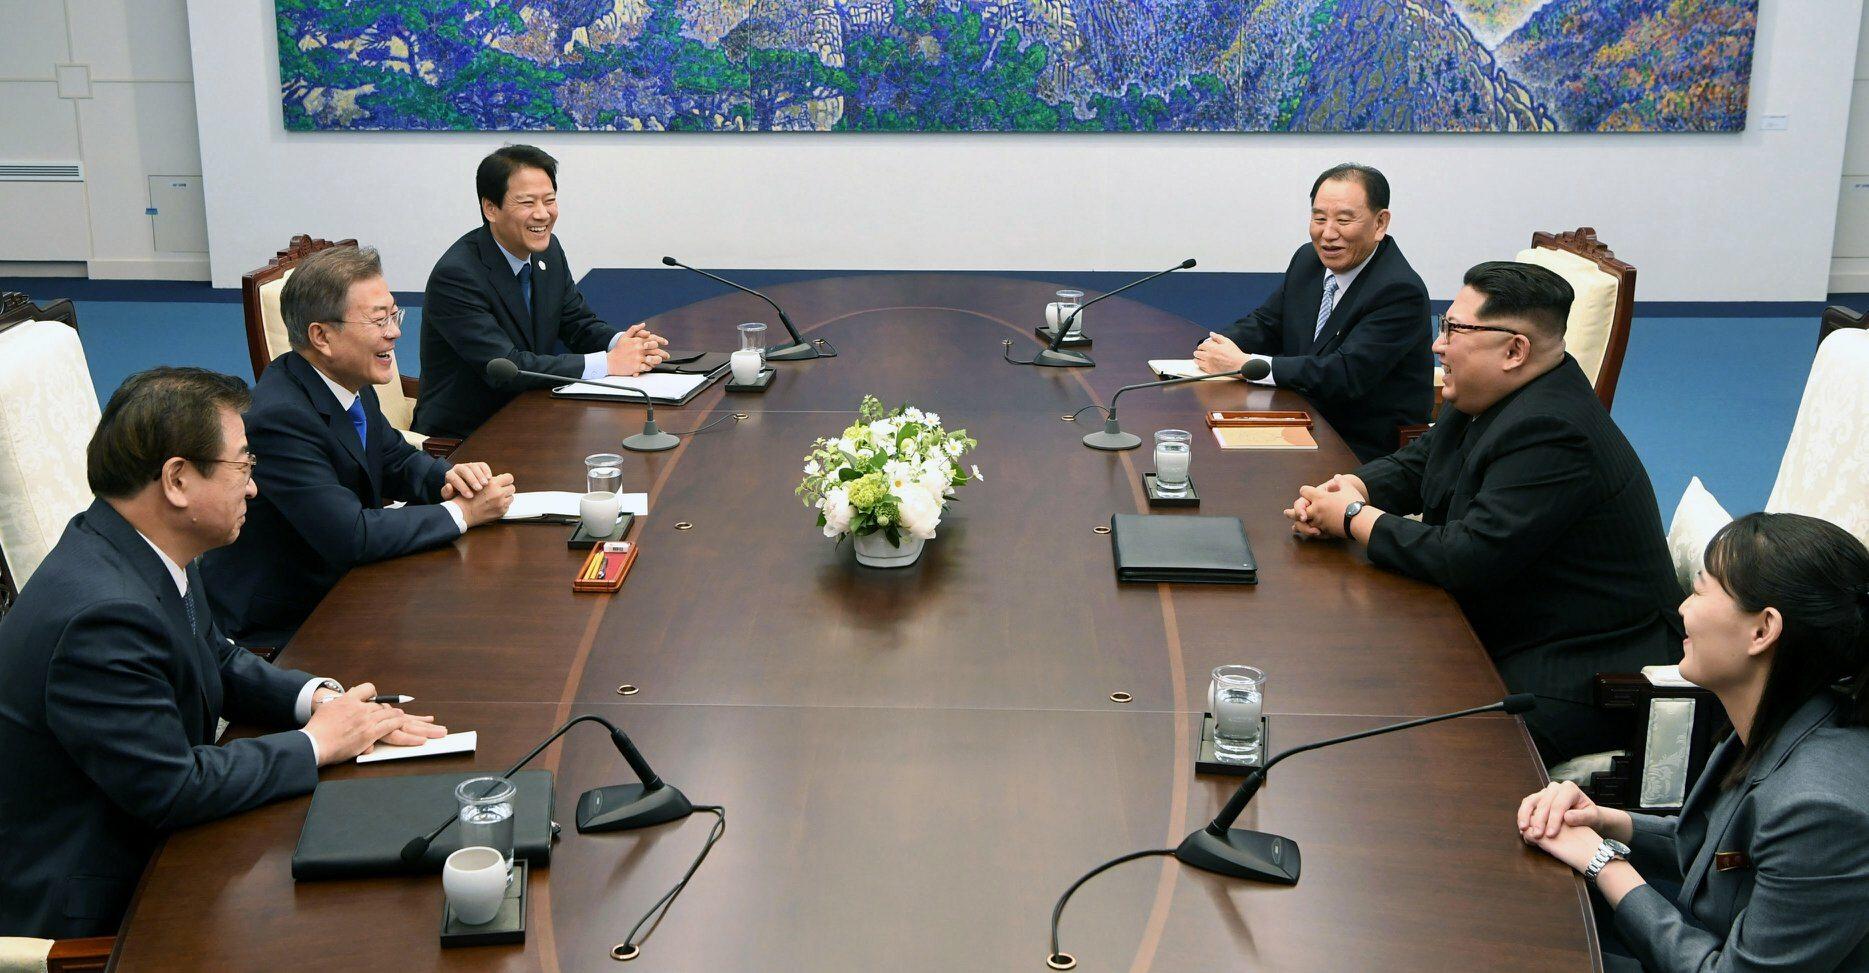 Rozmowy delegacji z Korei Południowej i Korei Północnej. Po stronie Korei Południowej (od lewej) siedzą: Suh Hoon - Szef Agencji Wywiadu, Prezydent Moon Dzae In, Im Dzong-Suk, szef gabinetu prezydenta.Po stronie Korei Północnej siedzą: Kim Jo Dzong, Kim Dzong Un, Kim Dzong Chol, szef sztabu Armii Koreańskiej